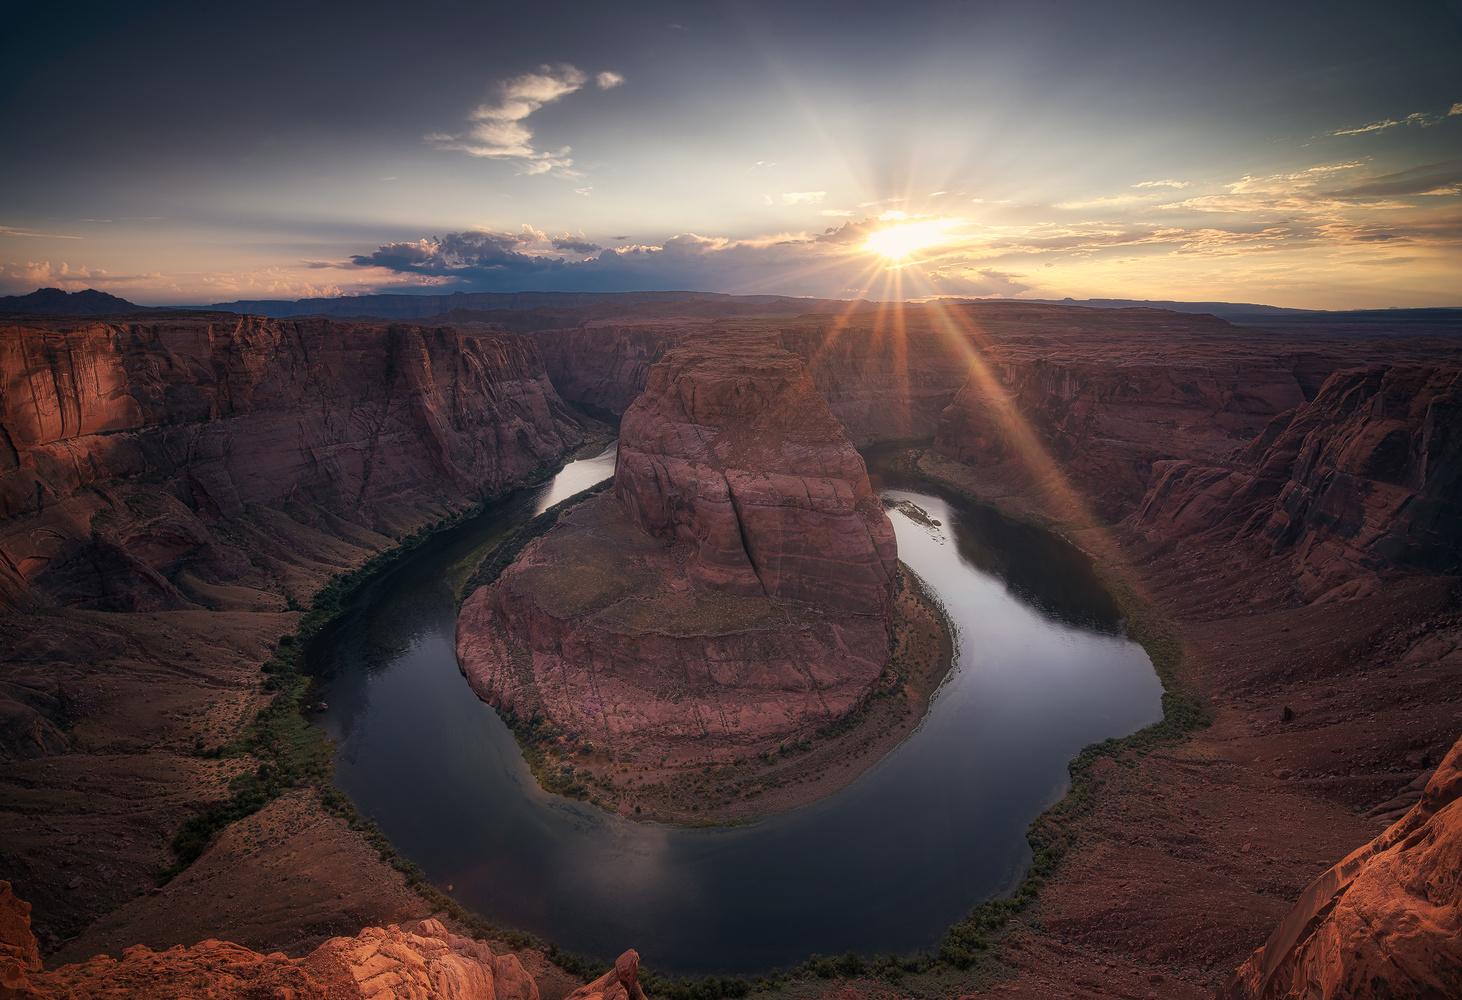 Horseshoe sunset by Efren Yanes